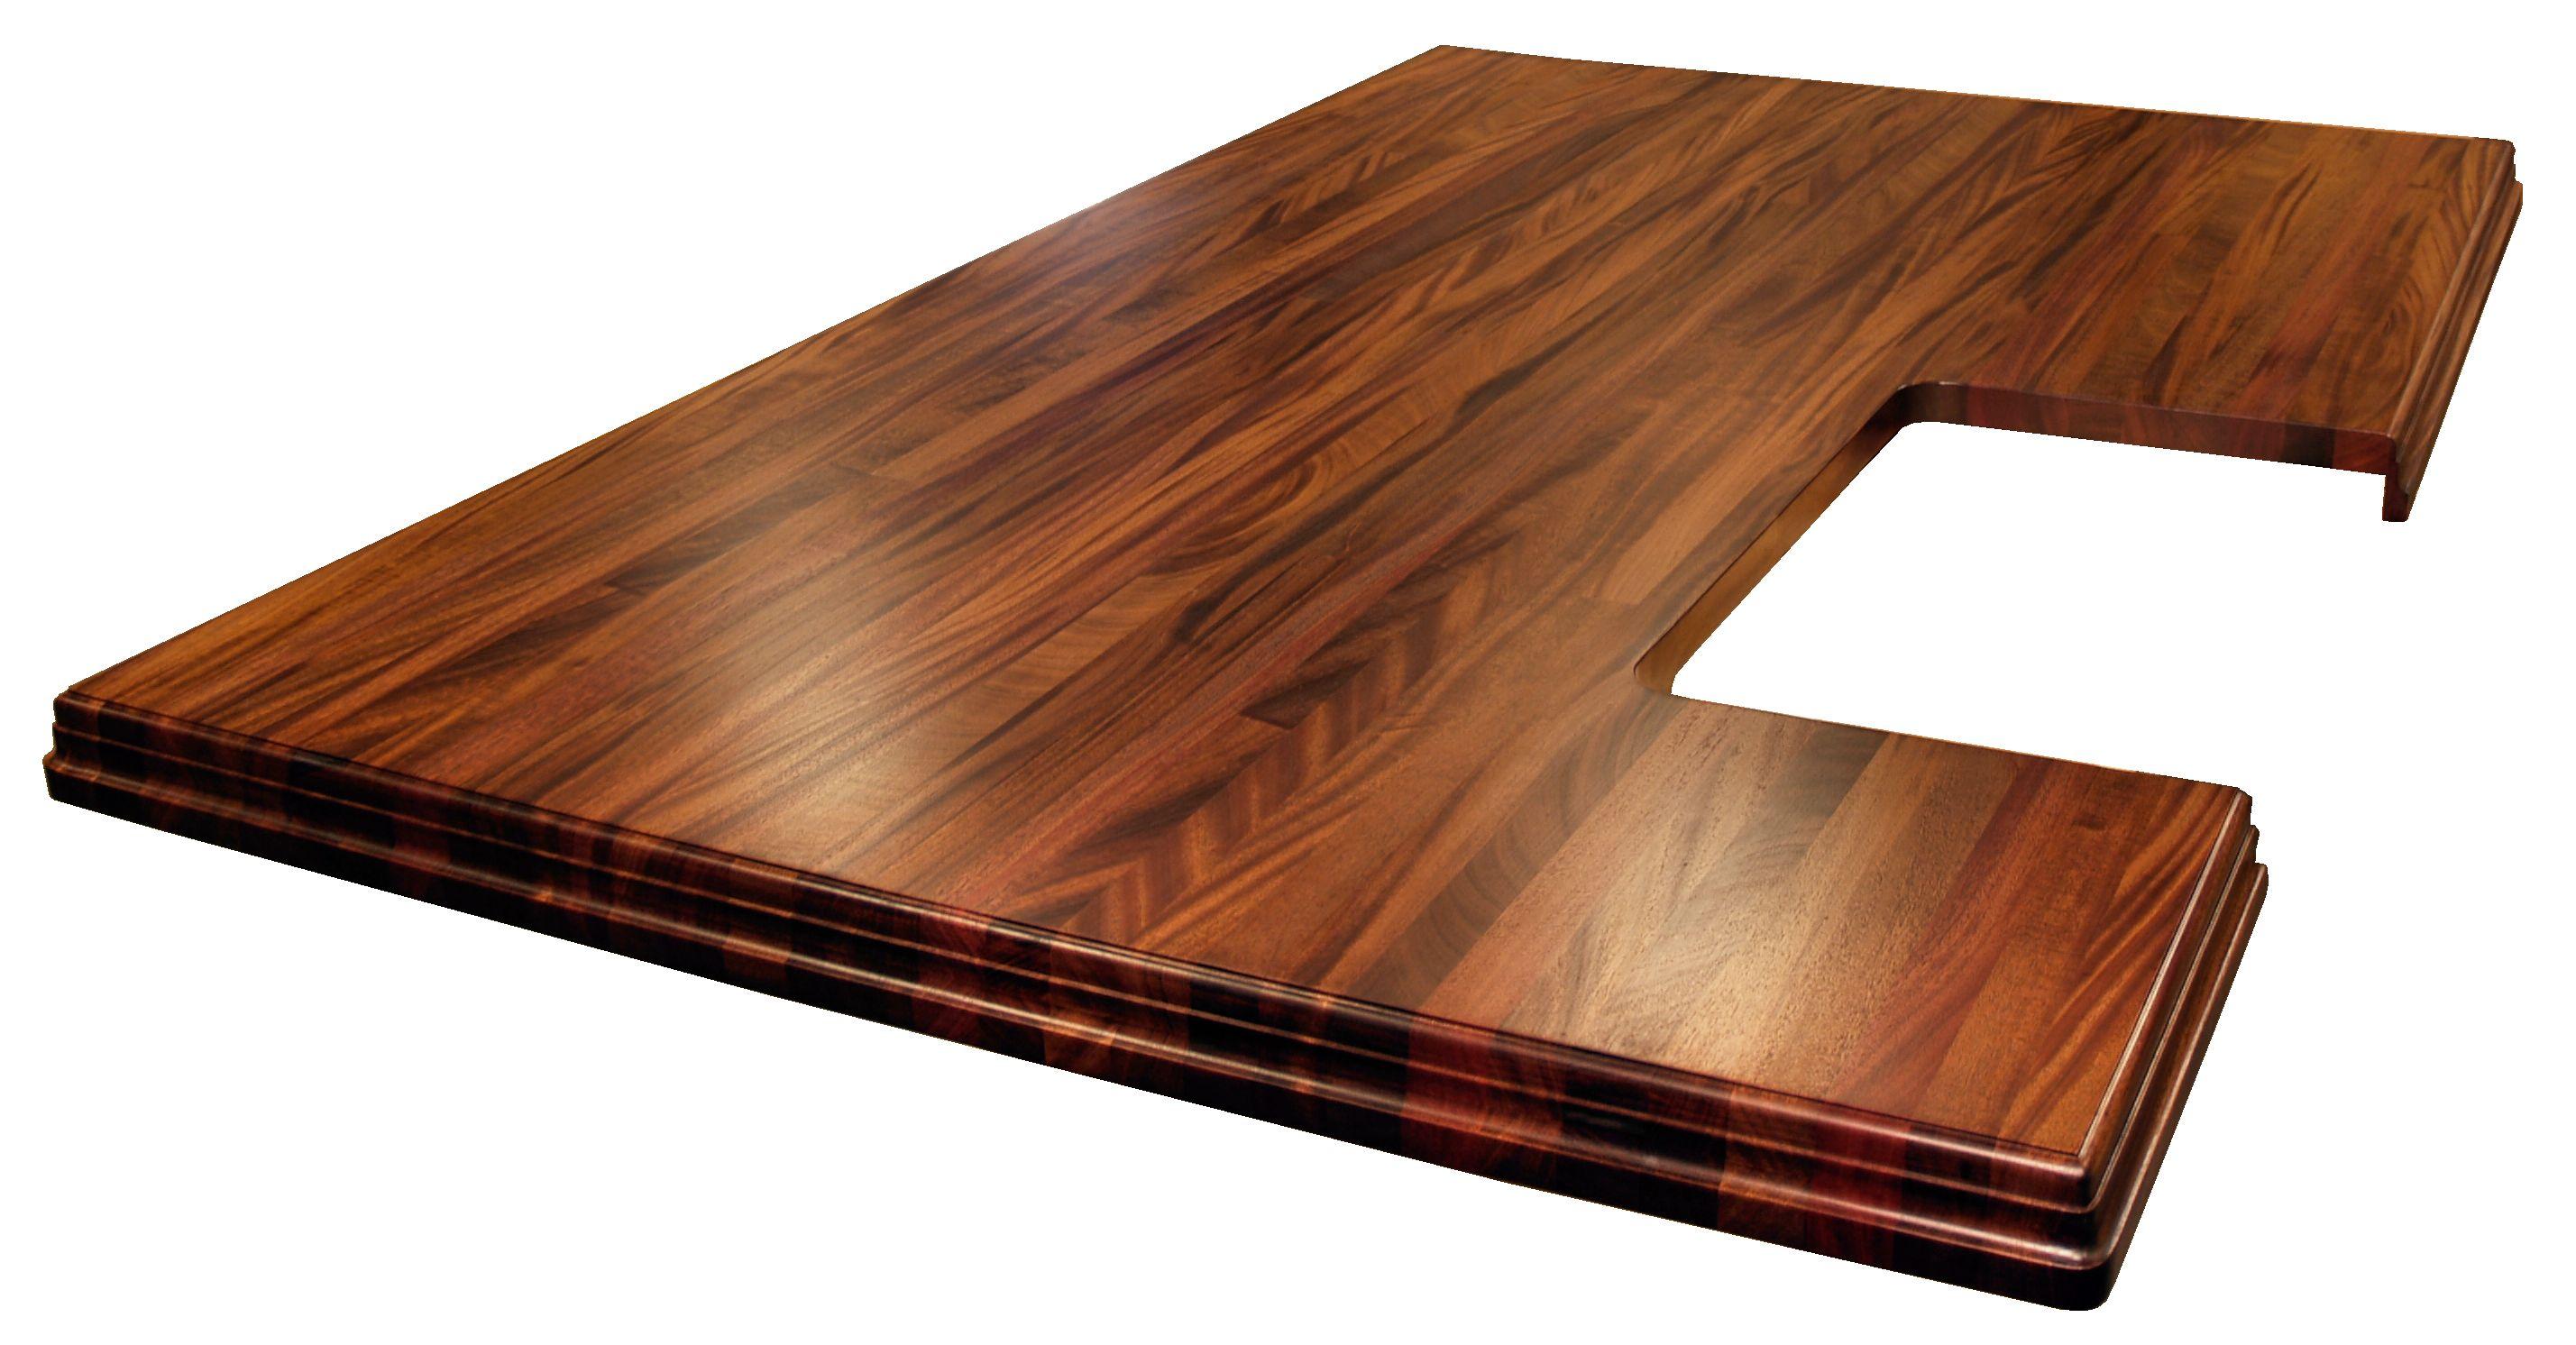 Unfinished Pedestal Table